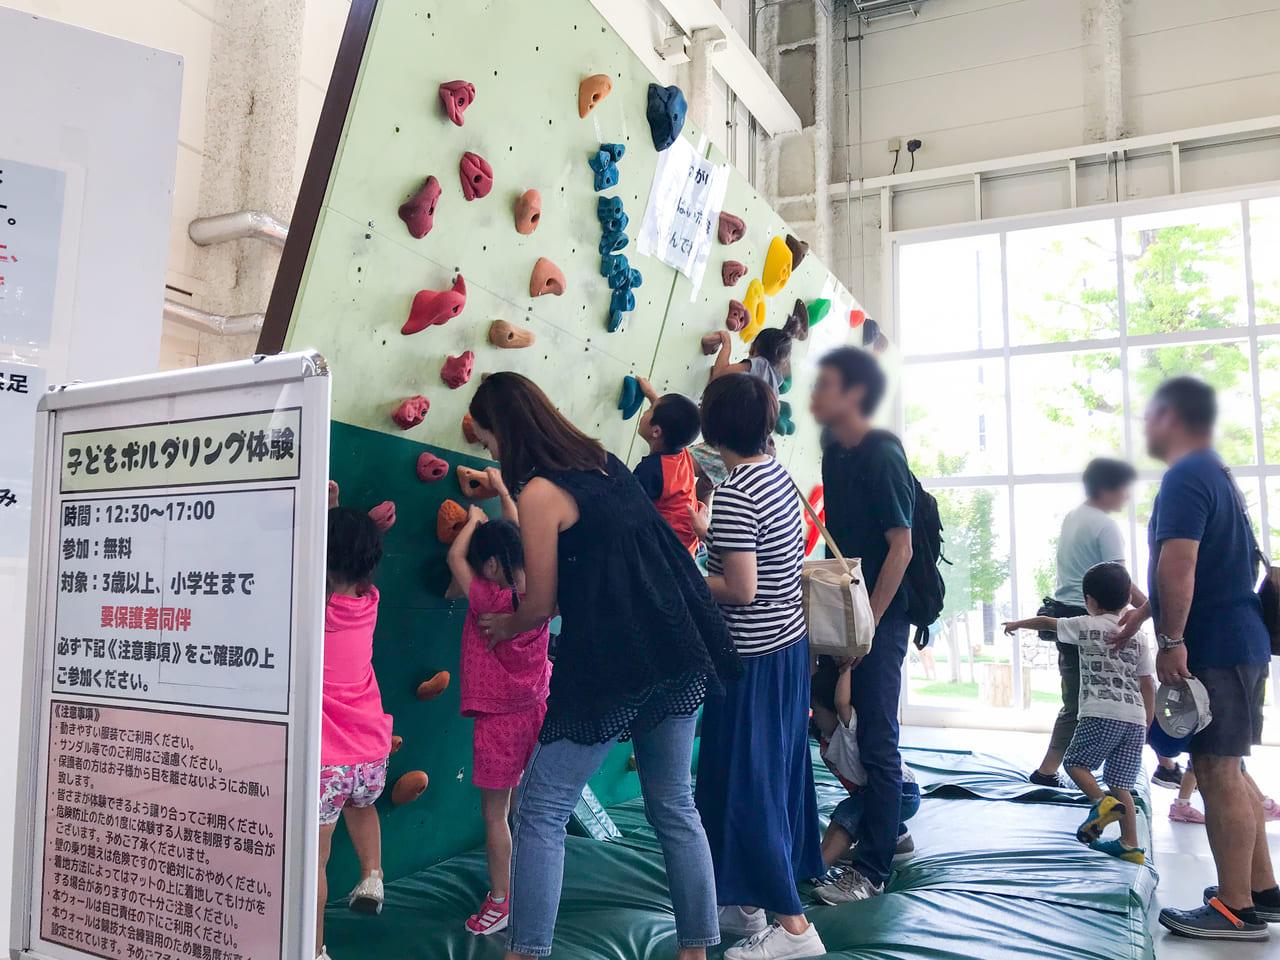 /子どもボルダリング体験を遊んでいる人達